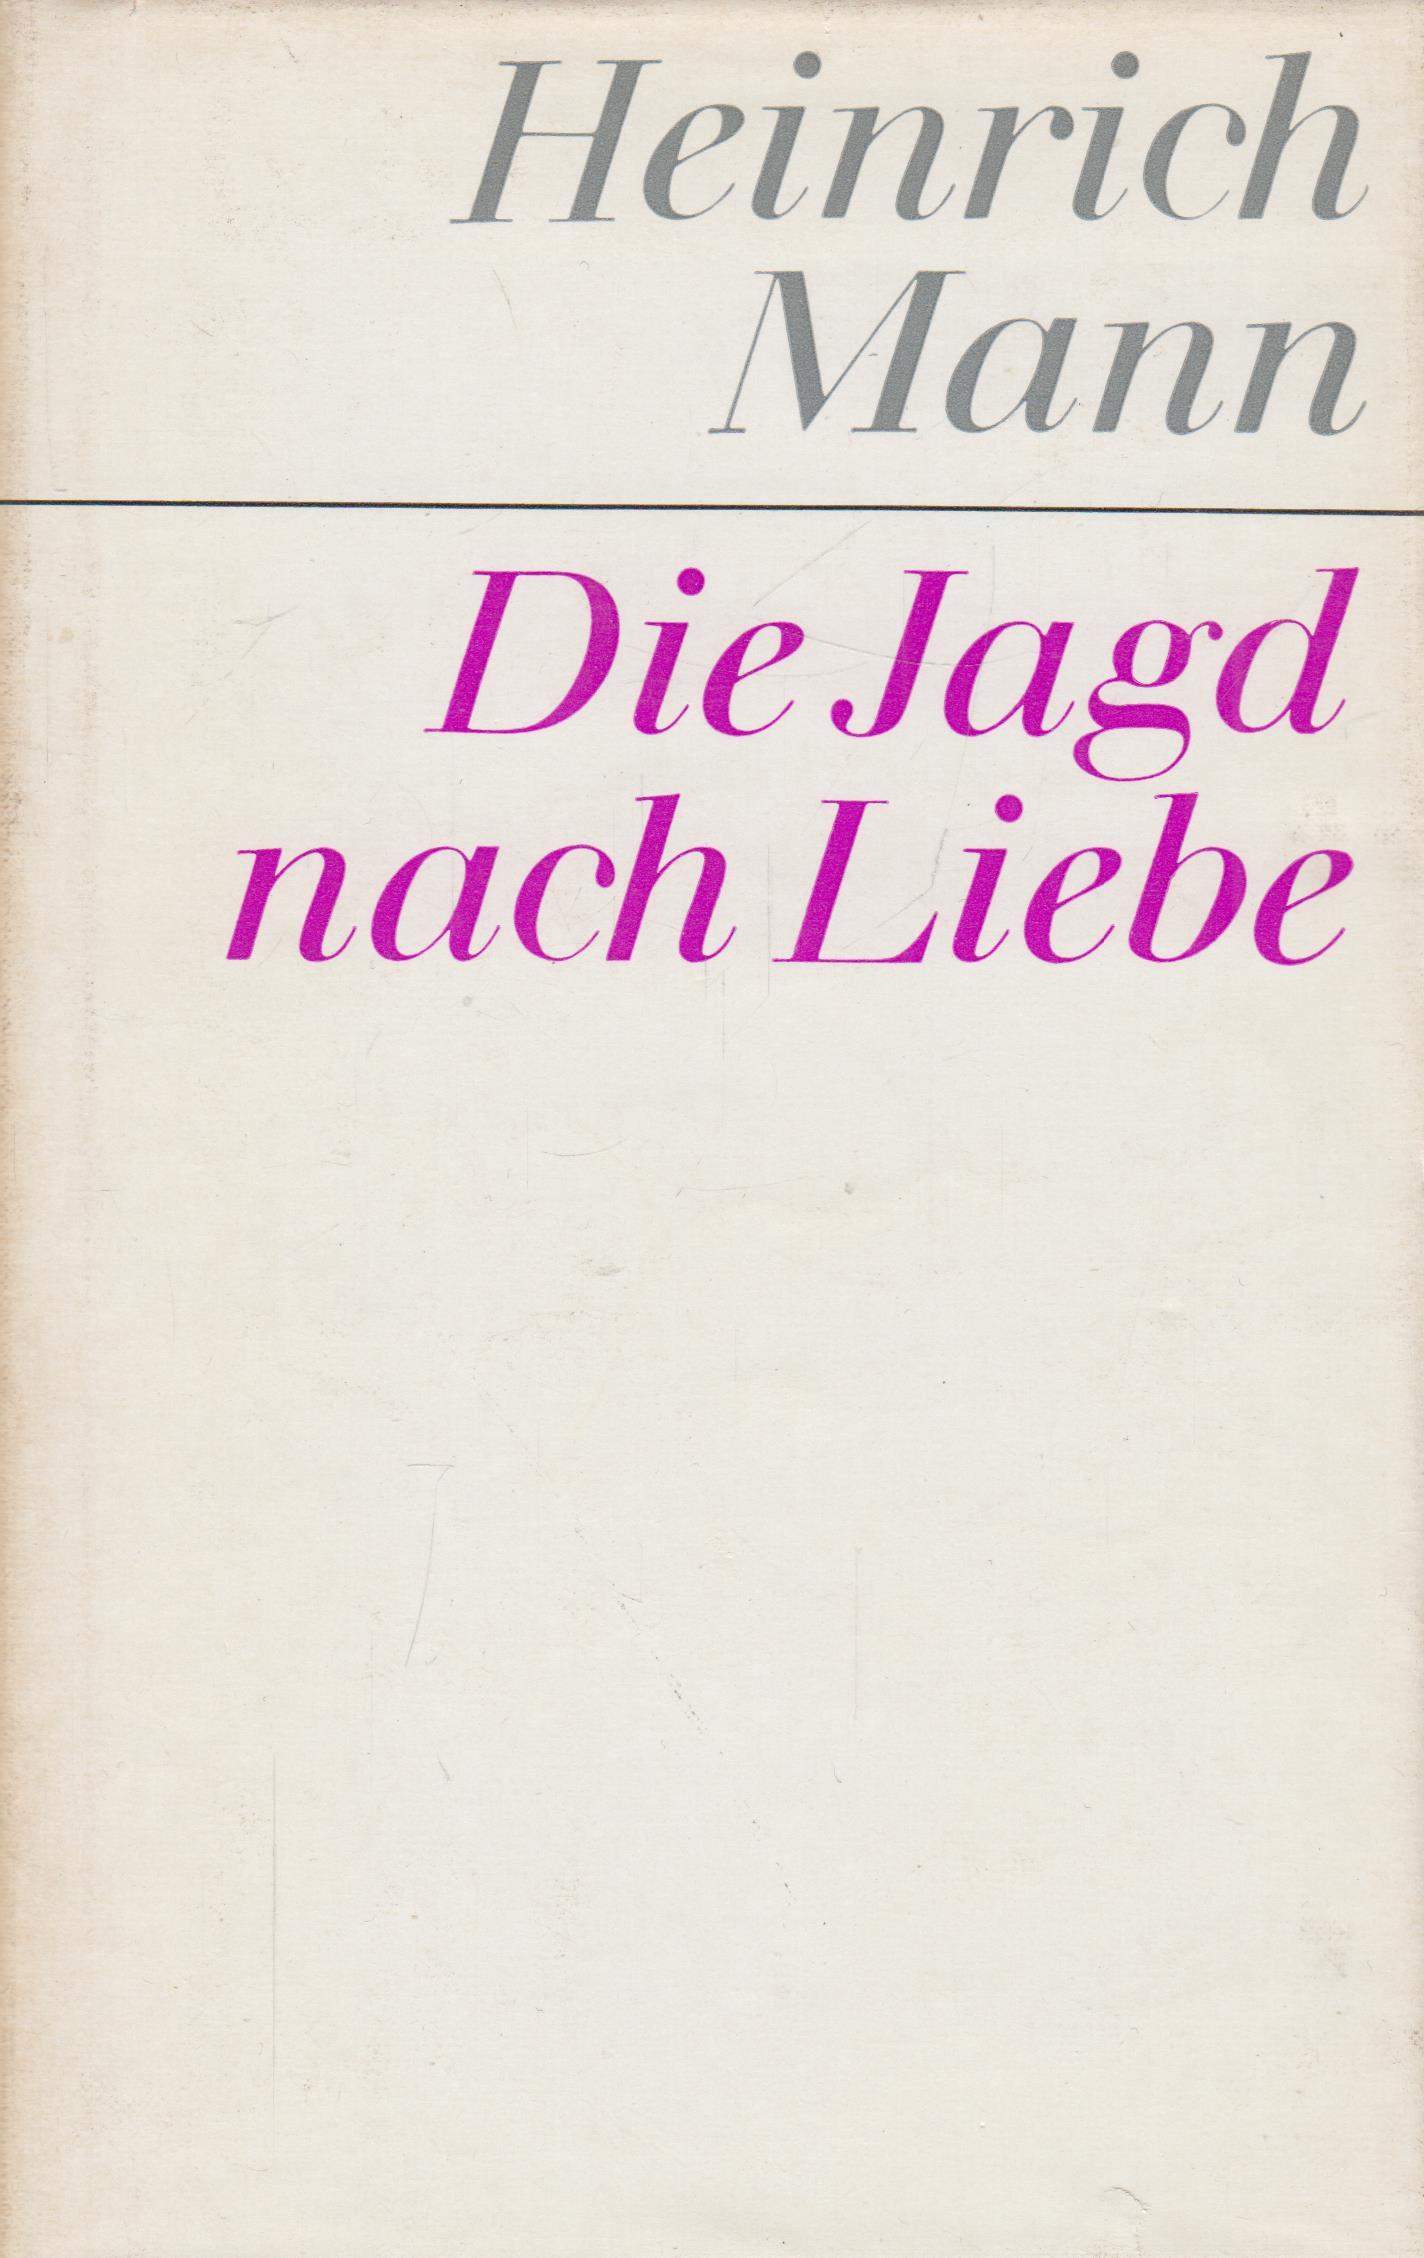 Die Jagd nach Liebe. Roman. Heinrich Mann. Gesammelte Werke, Bd.3, Herauusgegeben von der Akademie der Künste d.DDR, Redaktion: Sigrid Anger. - Mann, Heinrich.